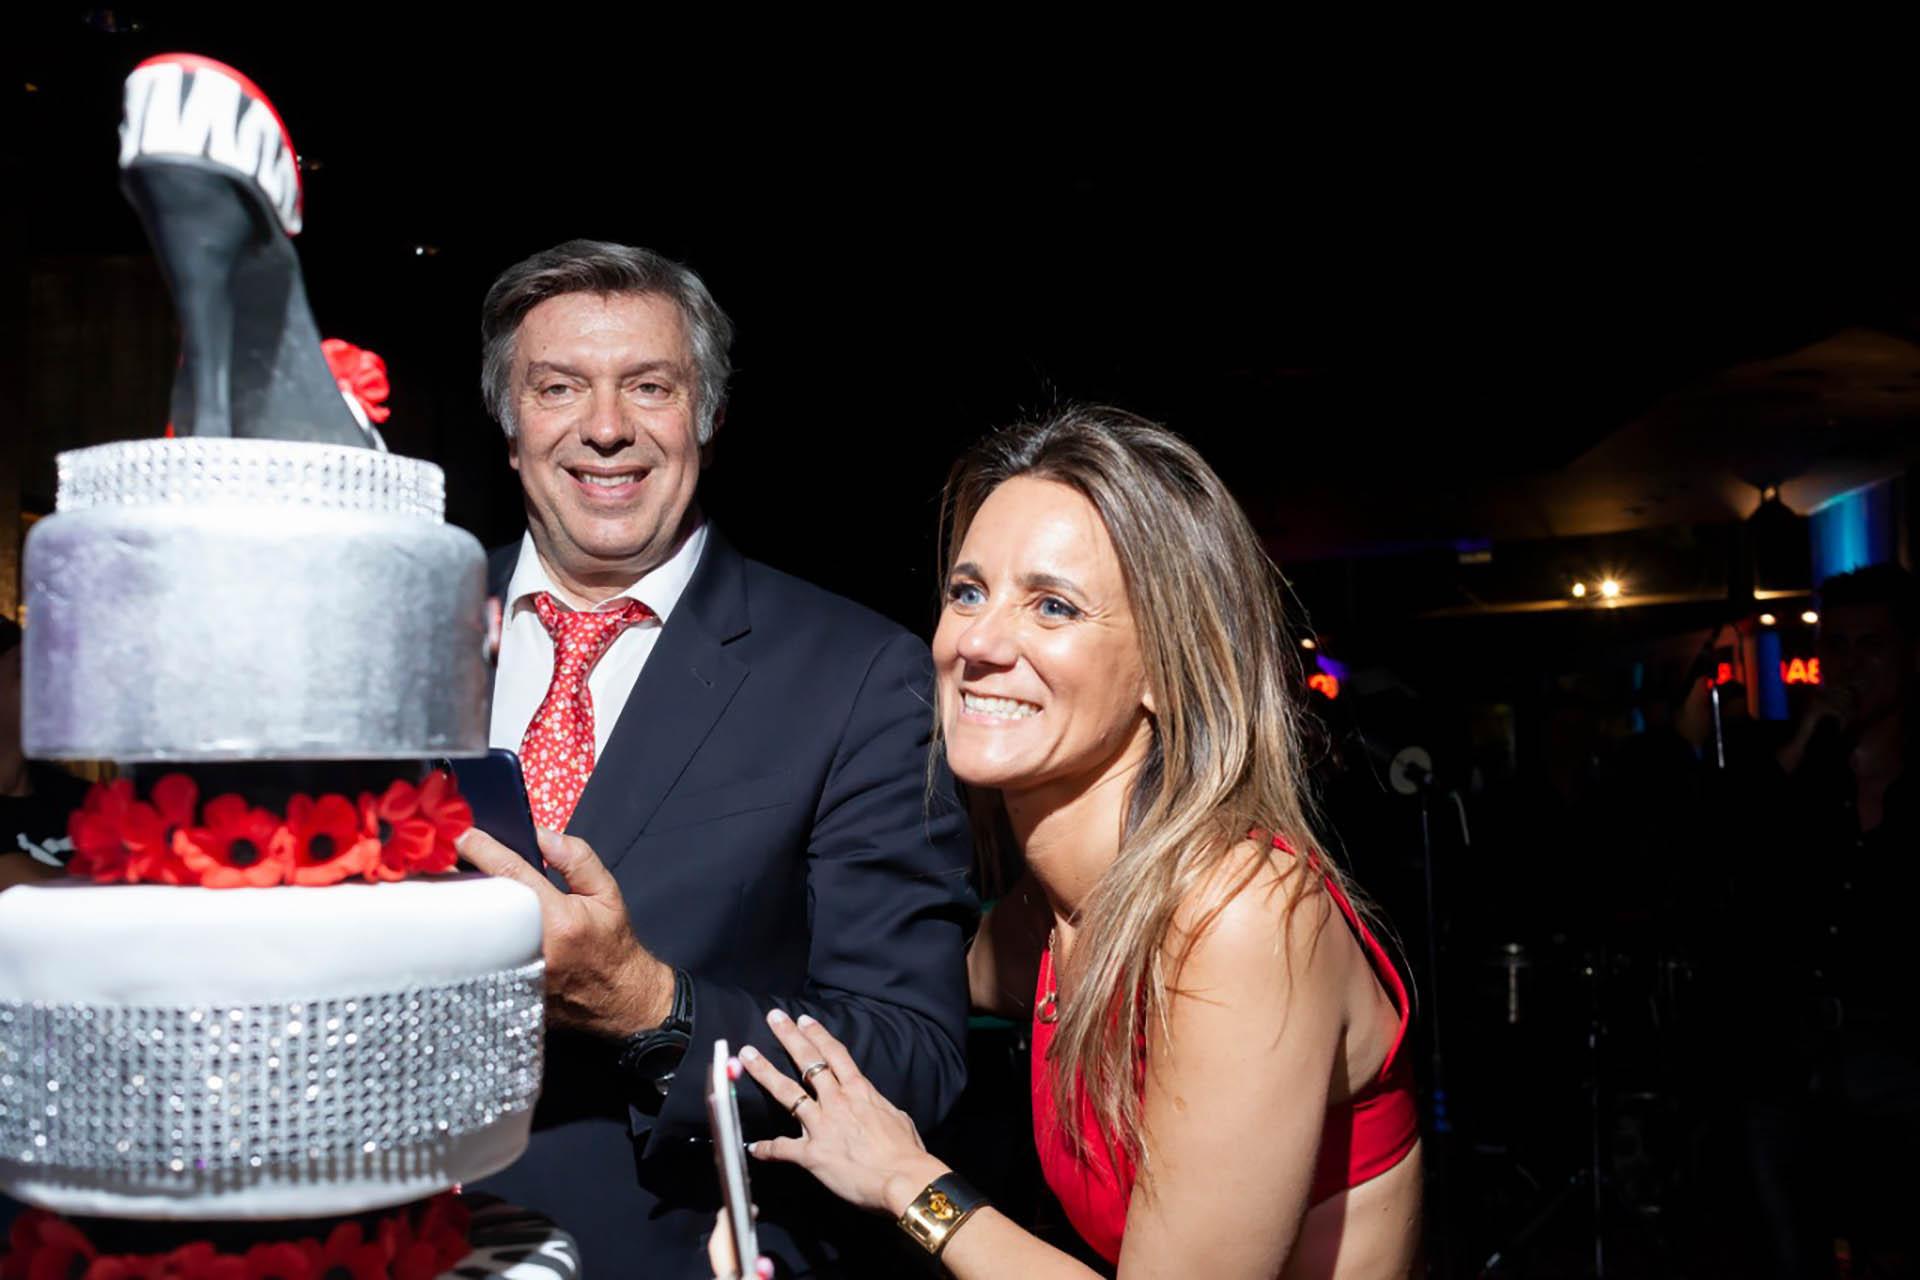 La pareja frente a la torta de tres pisos con los que la doctora festejó los 40